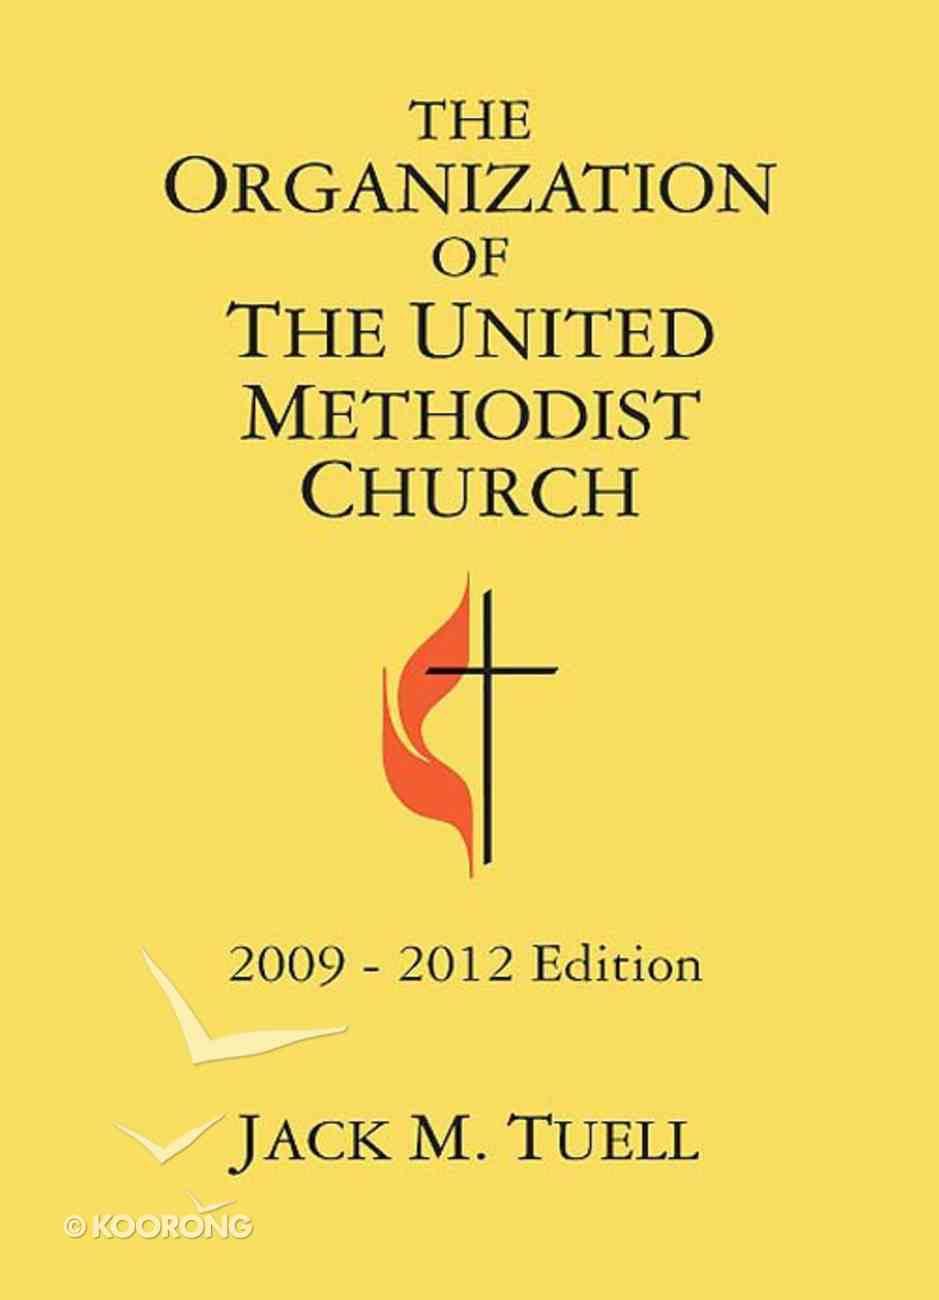 Organization of the United Methodist Church 2009-2012 Edition eBook